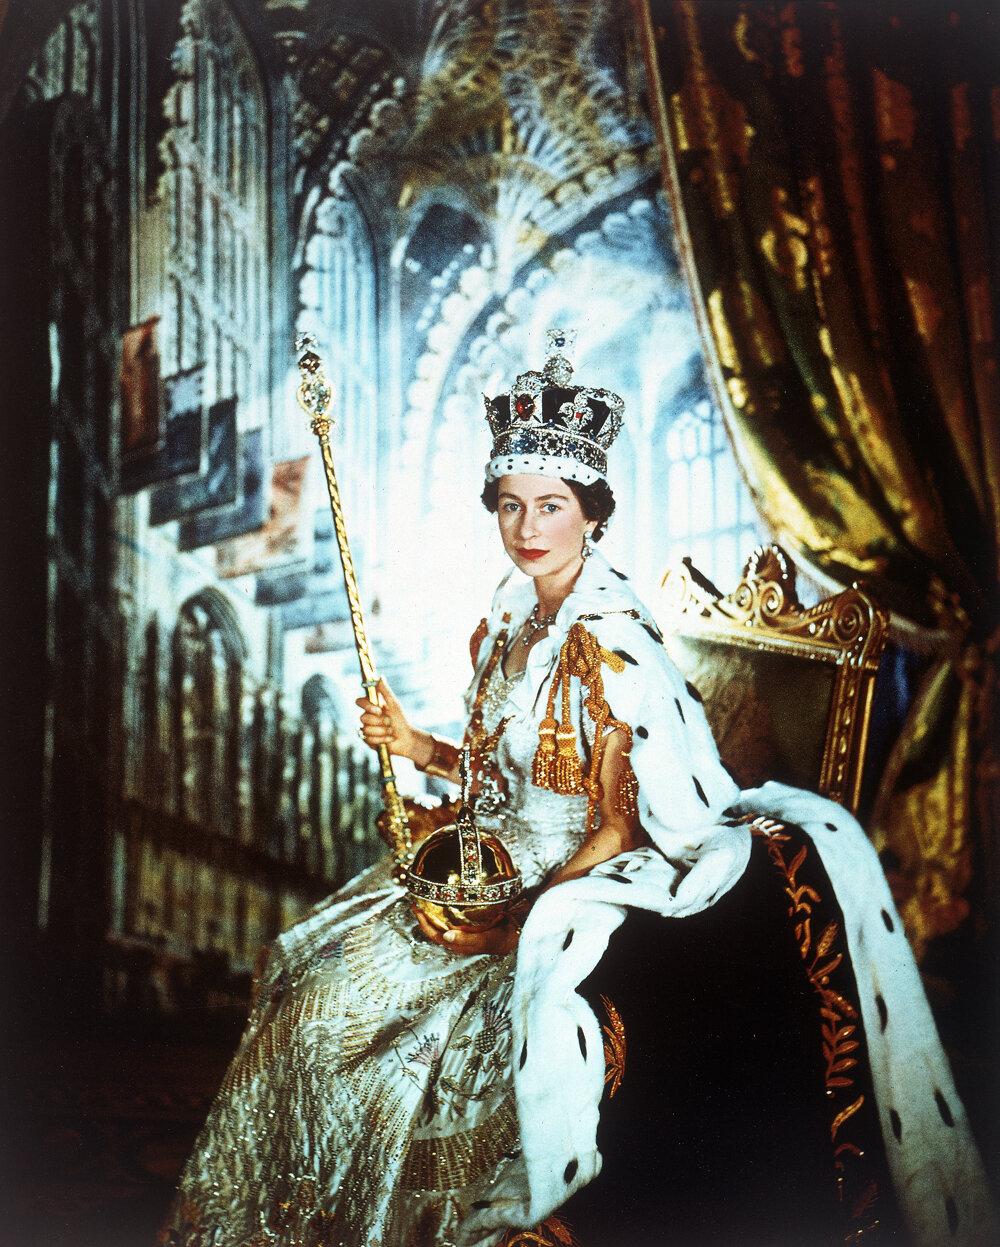 Королева Елизавета II, 2 Июня 1953 г.